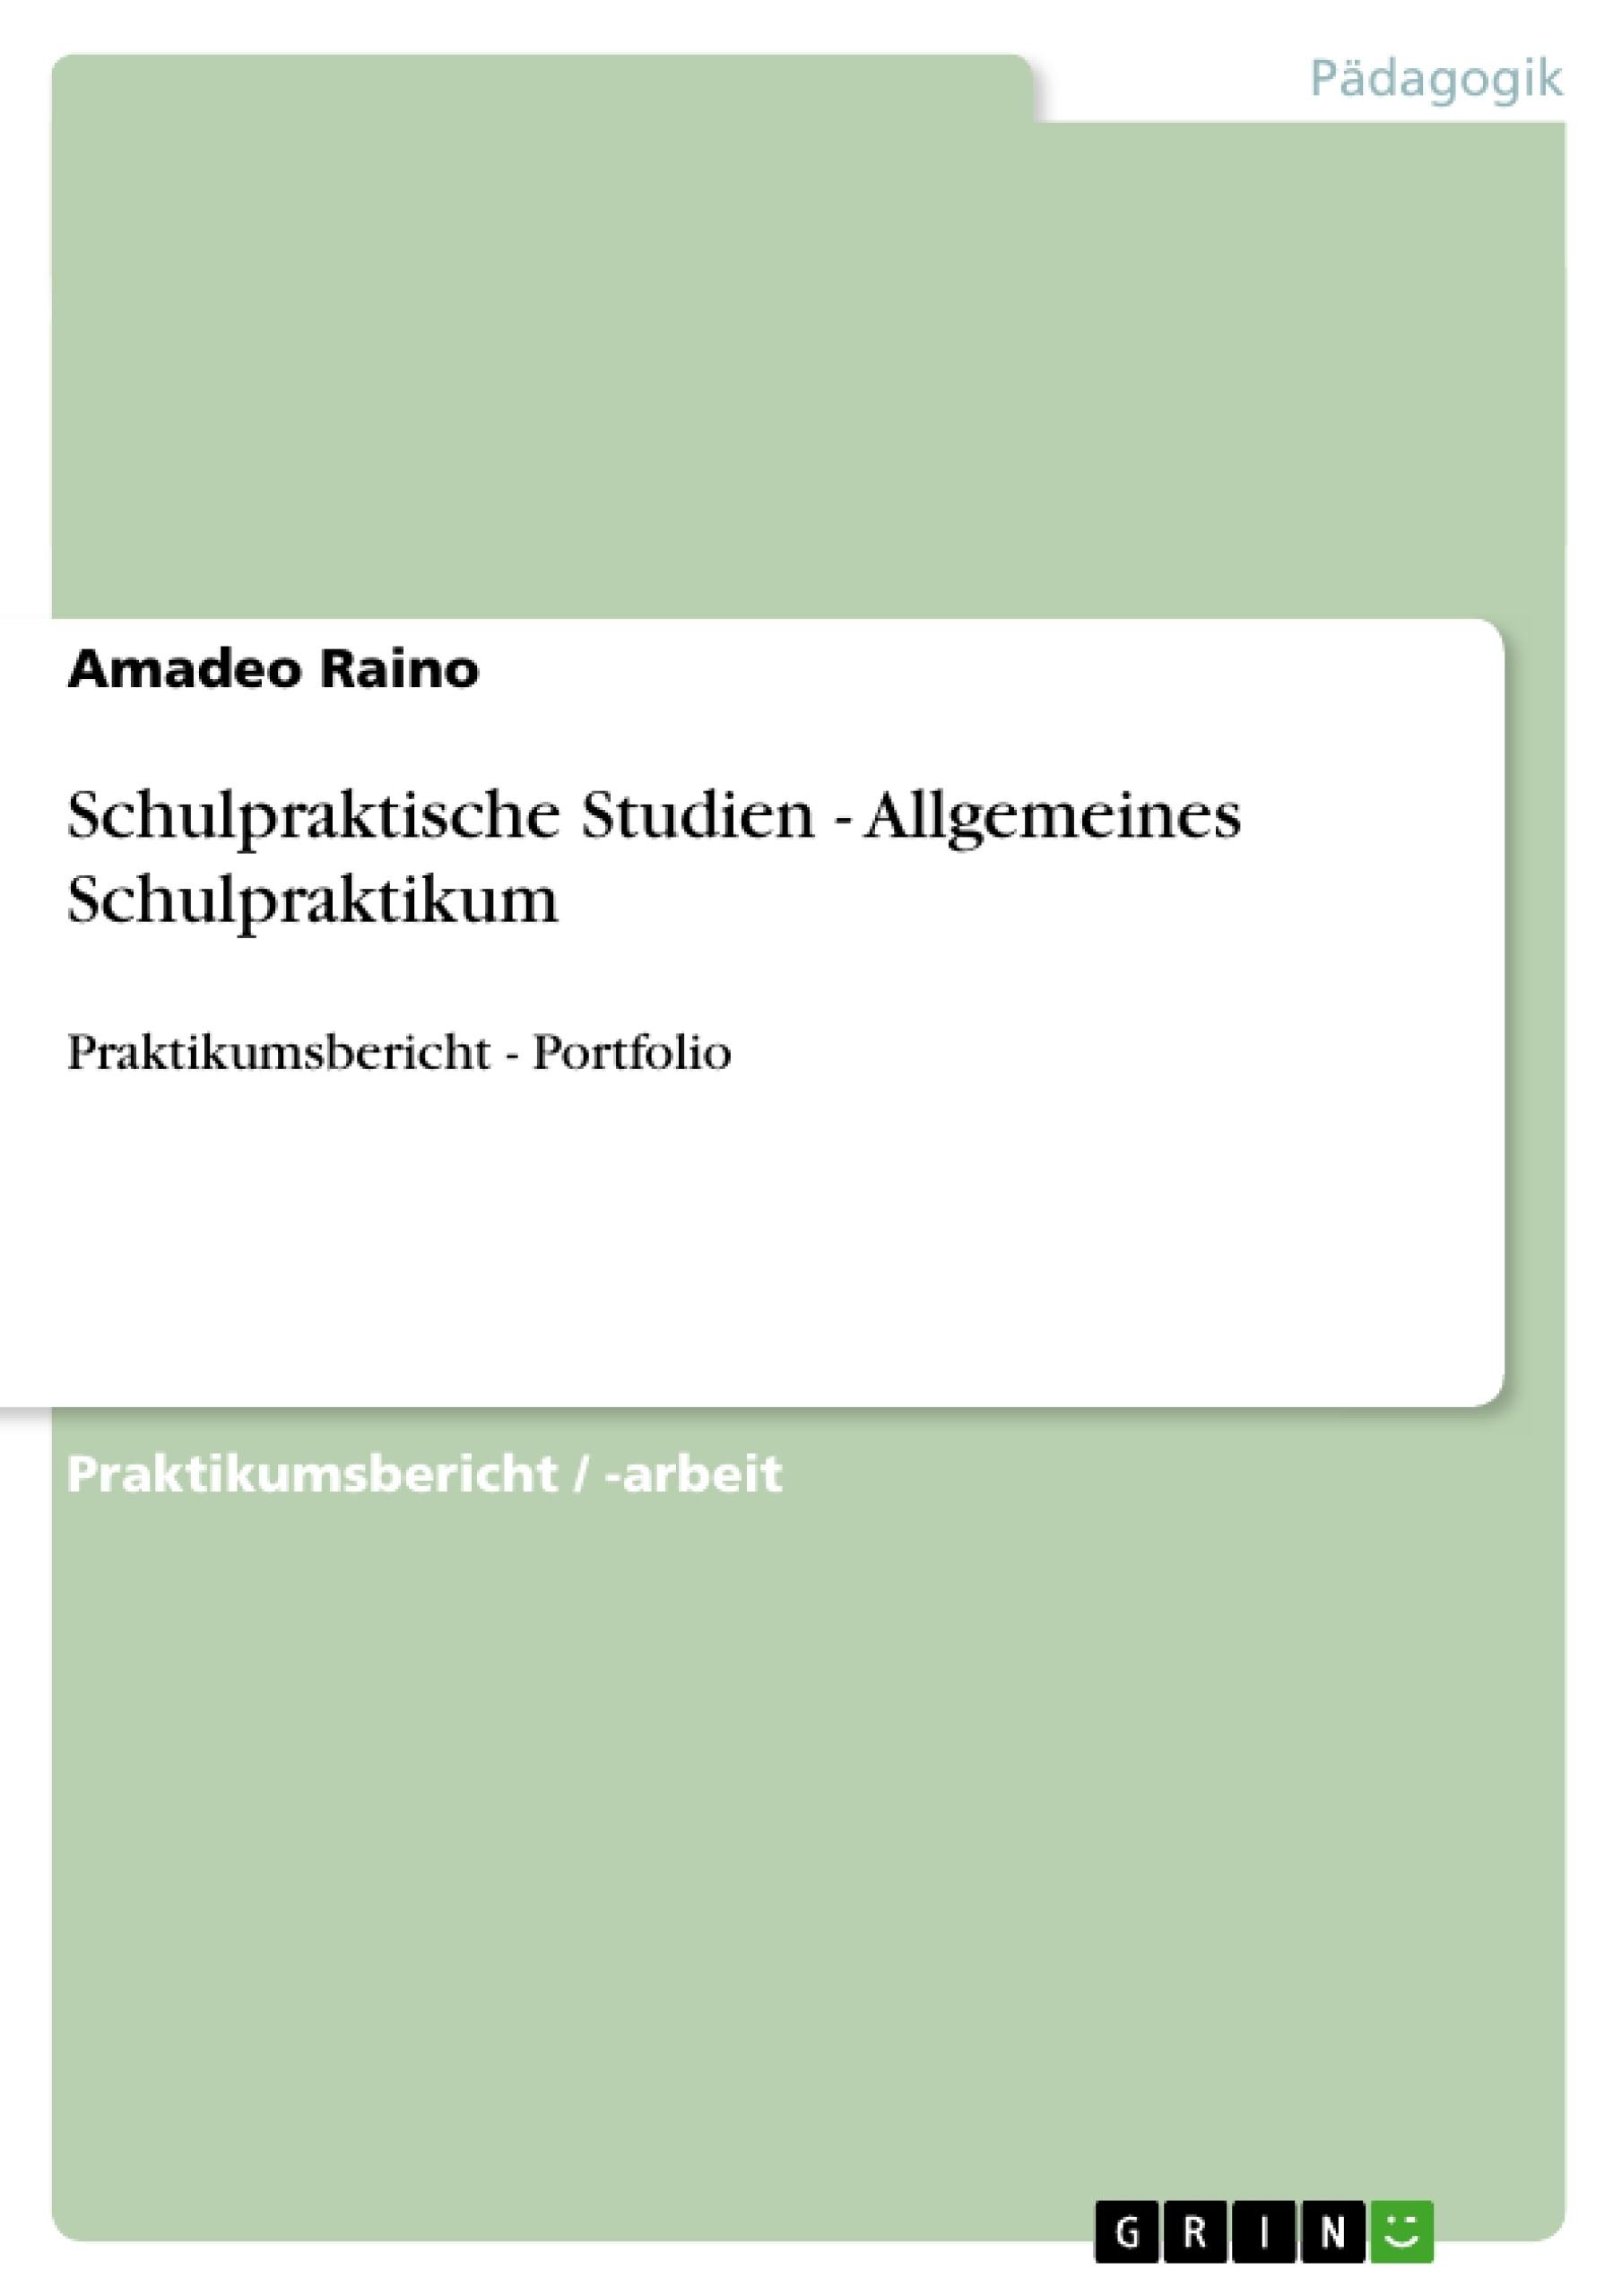 Titel: Schulpraktische Studien - Allgemeines Schulpraktikum